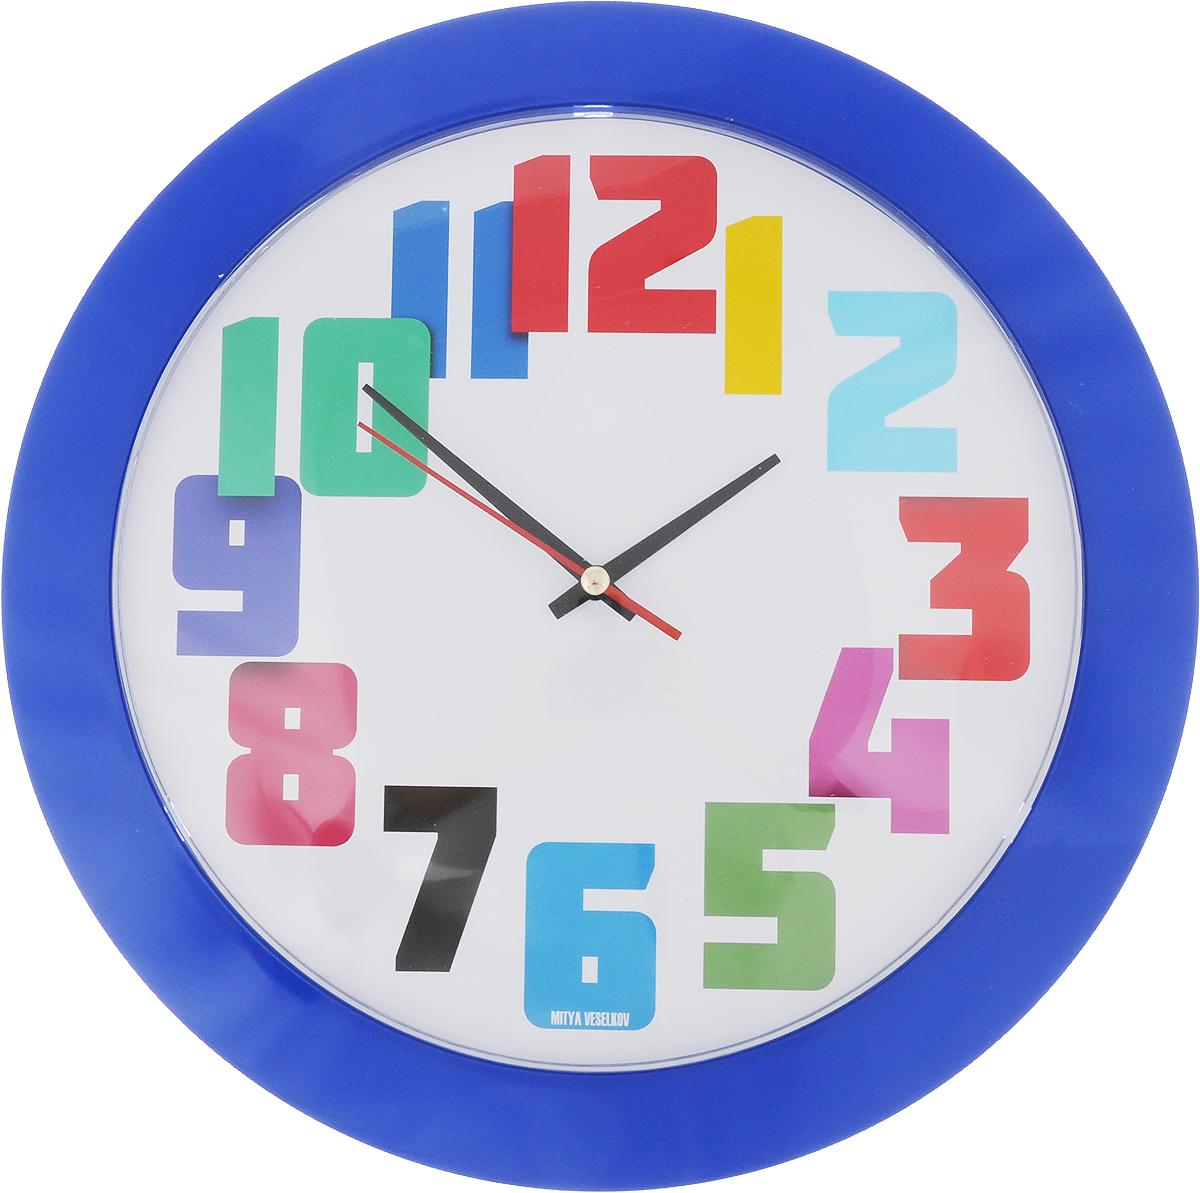 Часы настенные Mitya Veselkov Разноцветные цифры, цвет: синий, диаметр 30 см54 009303Оригинальные настенные часы Mitya Veselkov Разноцветные цифры прекрасно дополнят интерьер комнаты. Круглый корпус часов выполнен из металла синего цвета. Циферблат защищен стеклом. Часы имеют три стрелки - часовую, минутную и секундную.Оформите свой дом таким интерьерным аксессуаром или преподнесите его в качестве презента друзьям, и они оценят ваш оригинальный вкус и неординарность подарка. Диаметр часов: 30 см. Толщина корпуса: 4 см. Часы работают от 1 батарейки типа АА (входит в комплект).